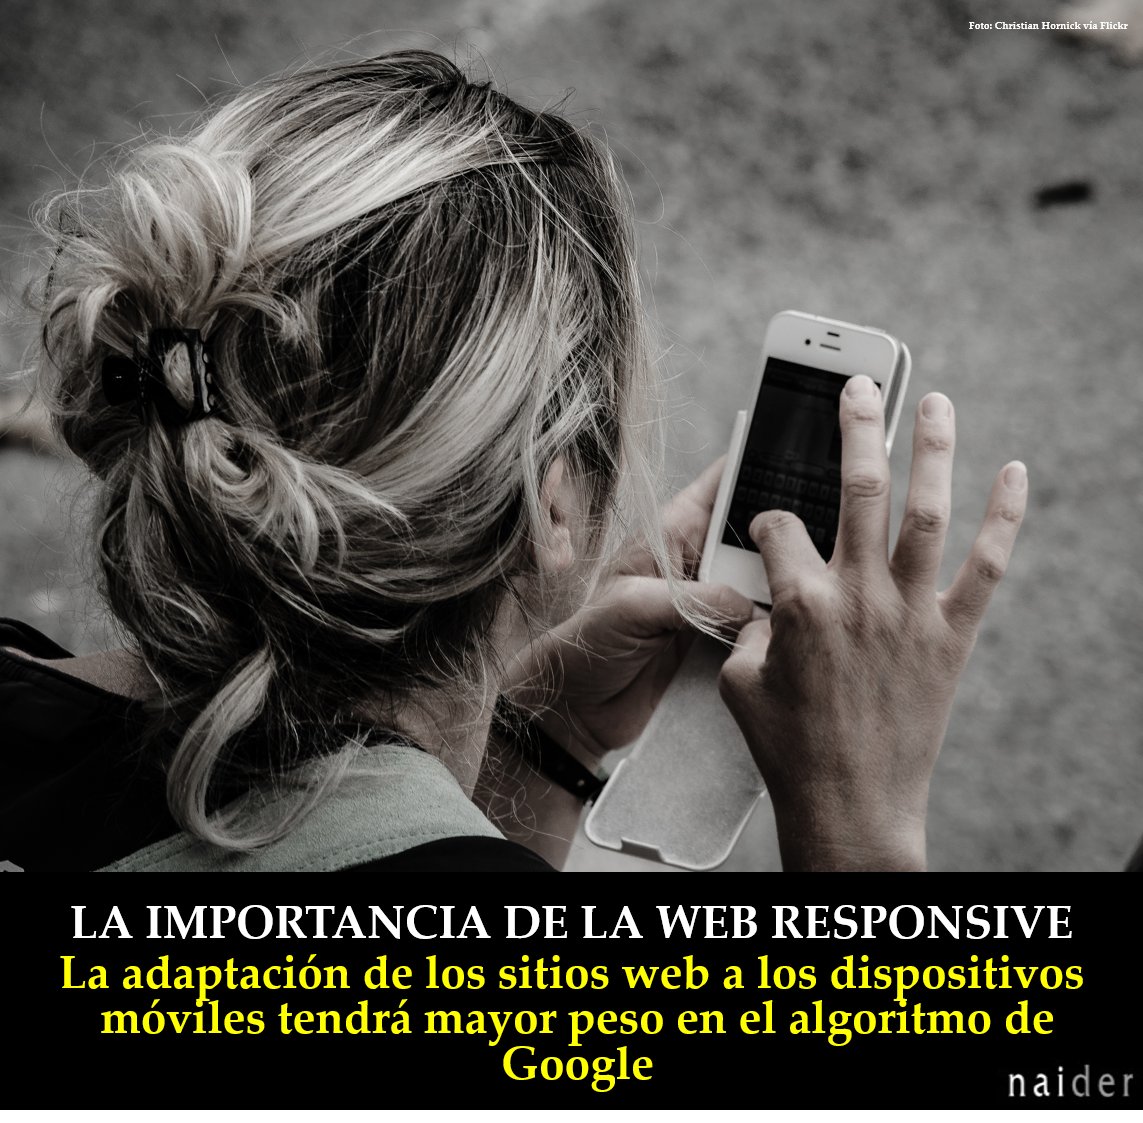 La importancia de la web responsive infopost.jpg